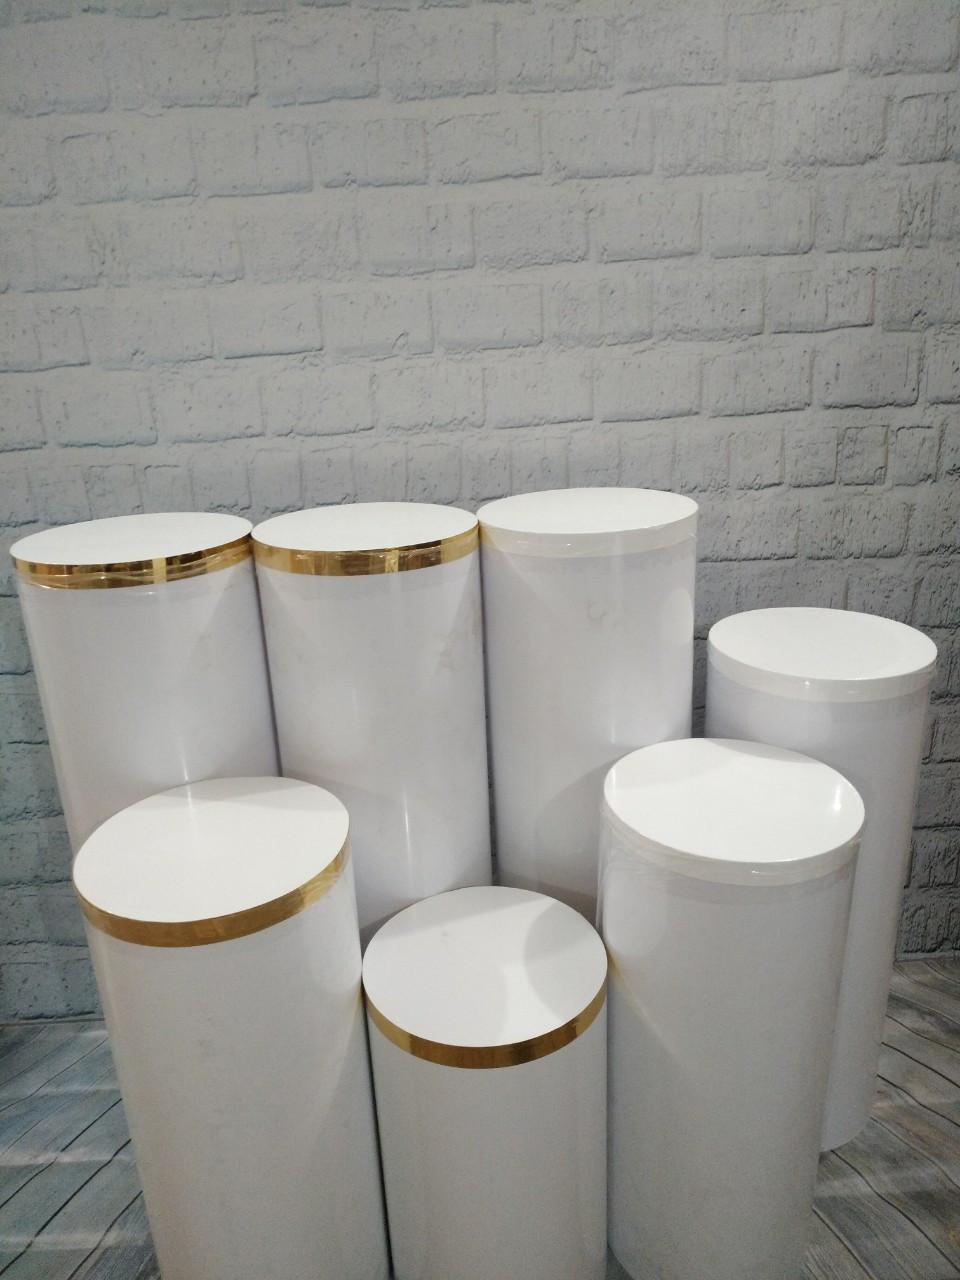 Тубус,колона для кенди бара  70 см - Высота, 30 см - Диаметр